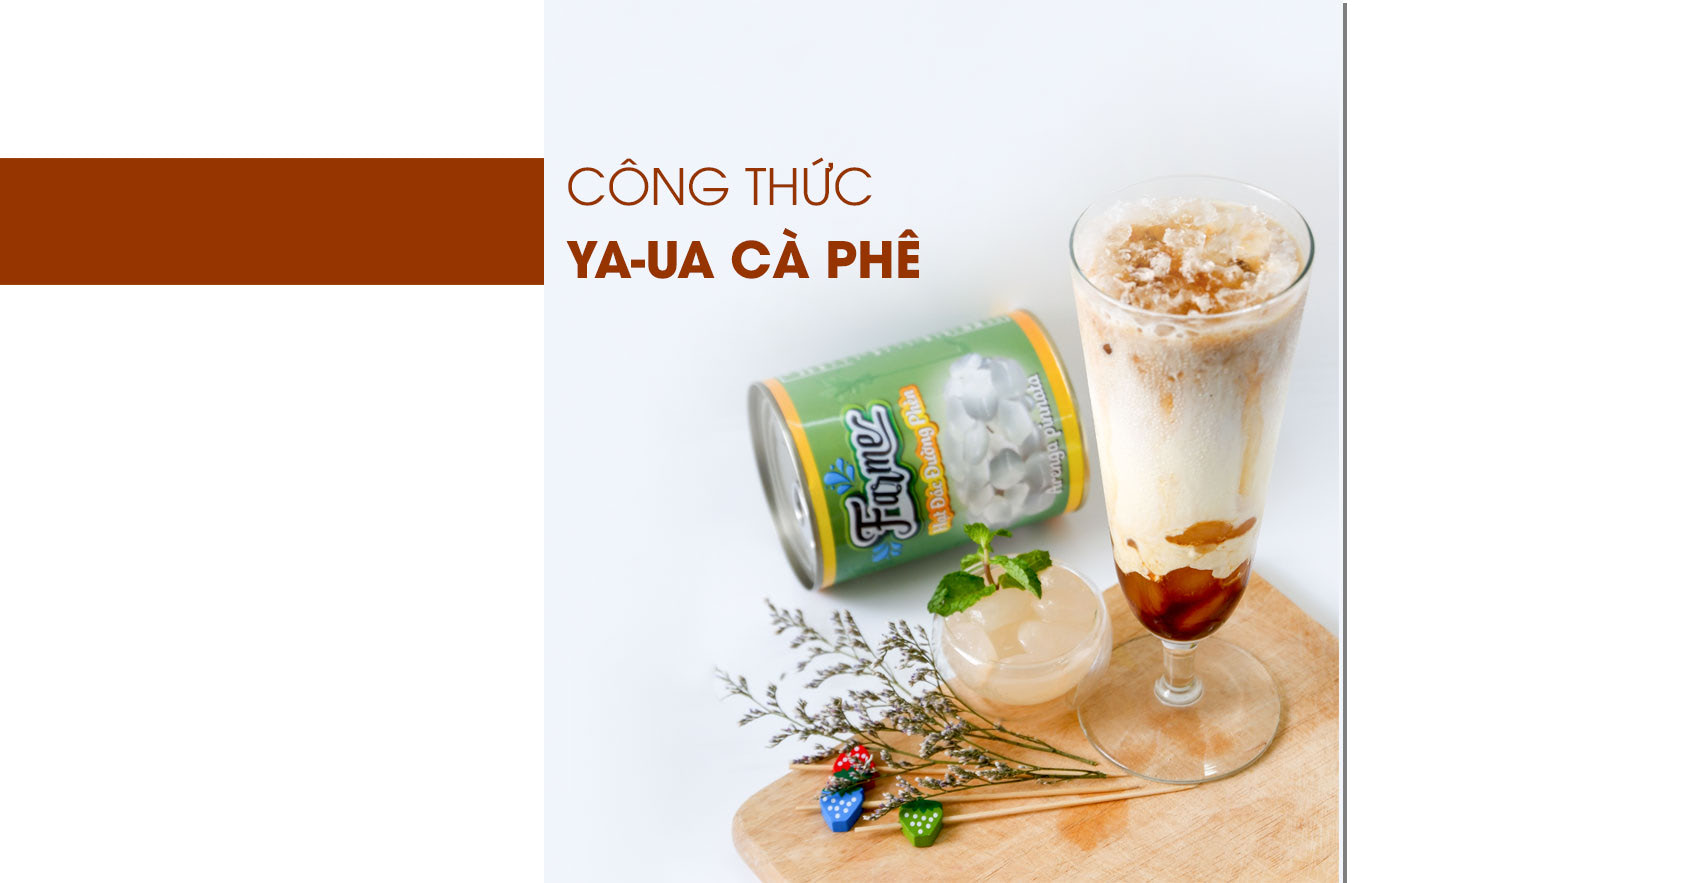 công thức ya-ua cà phê